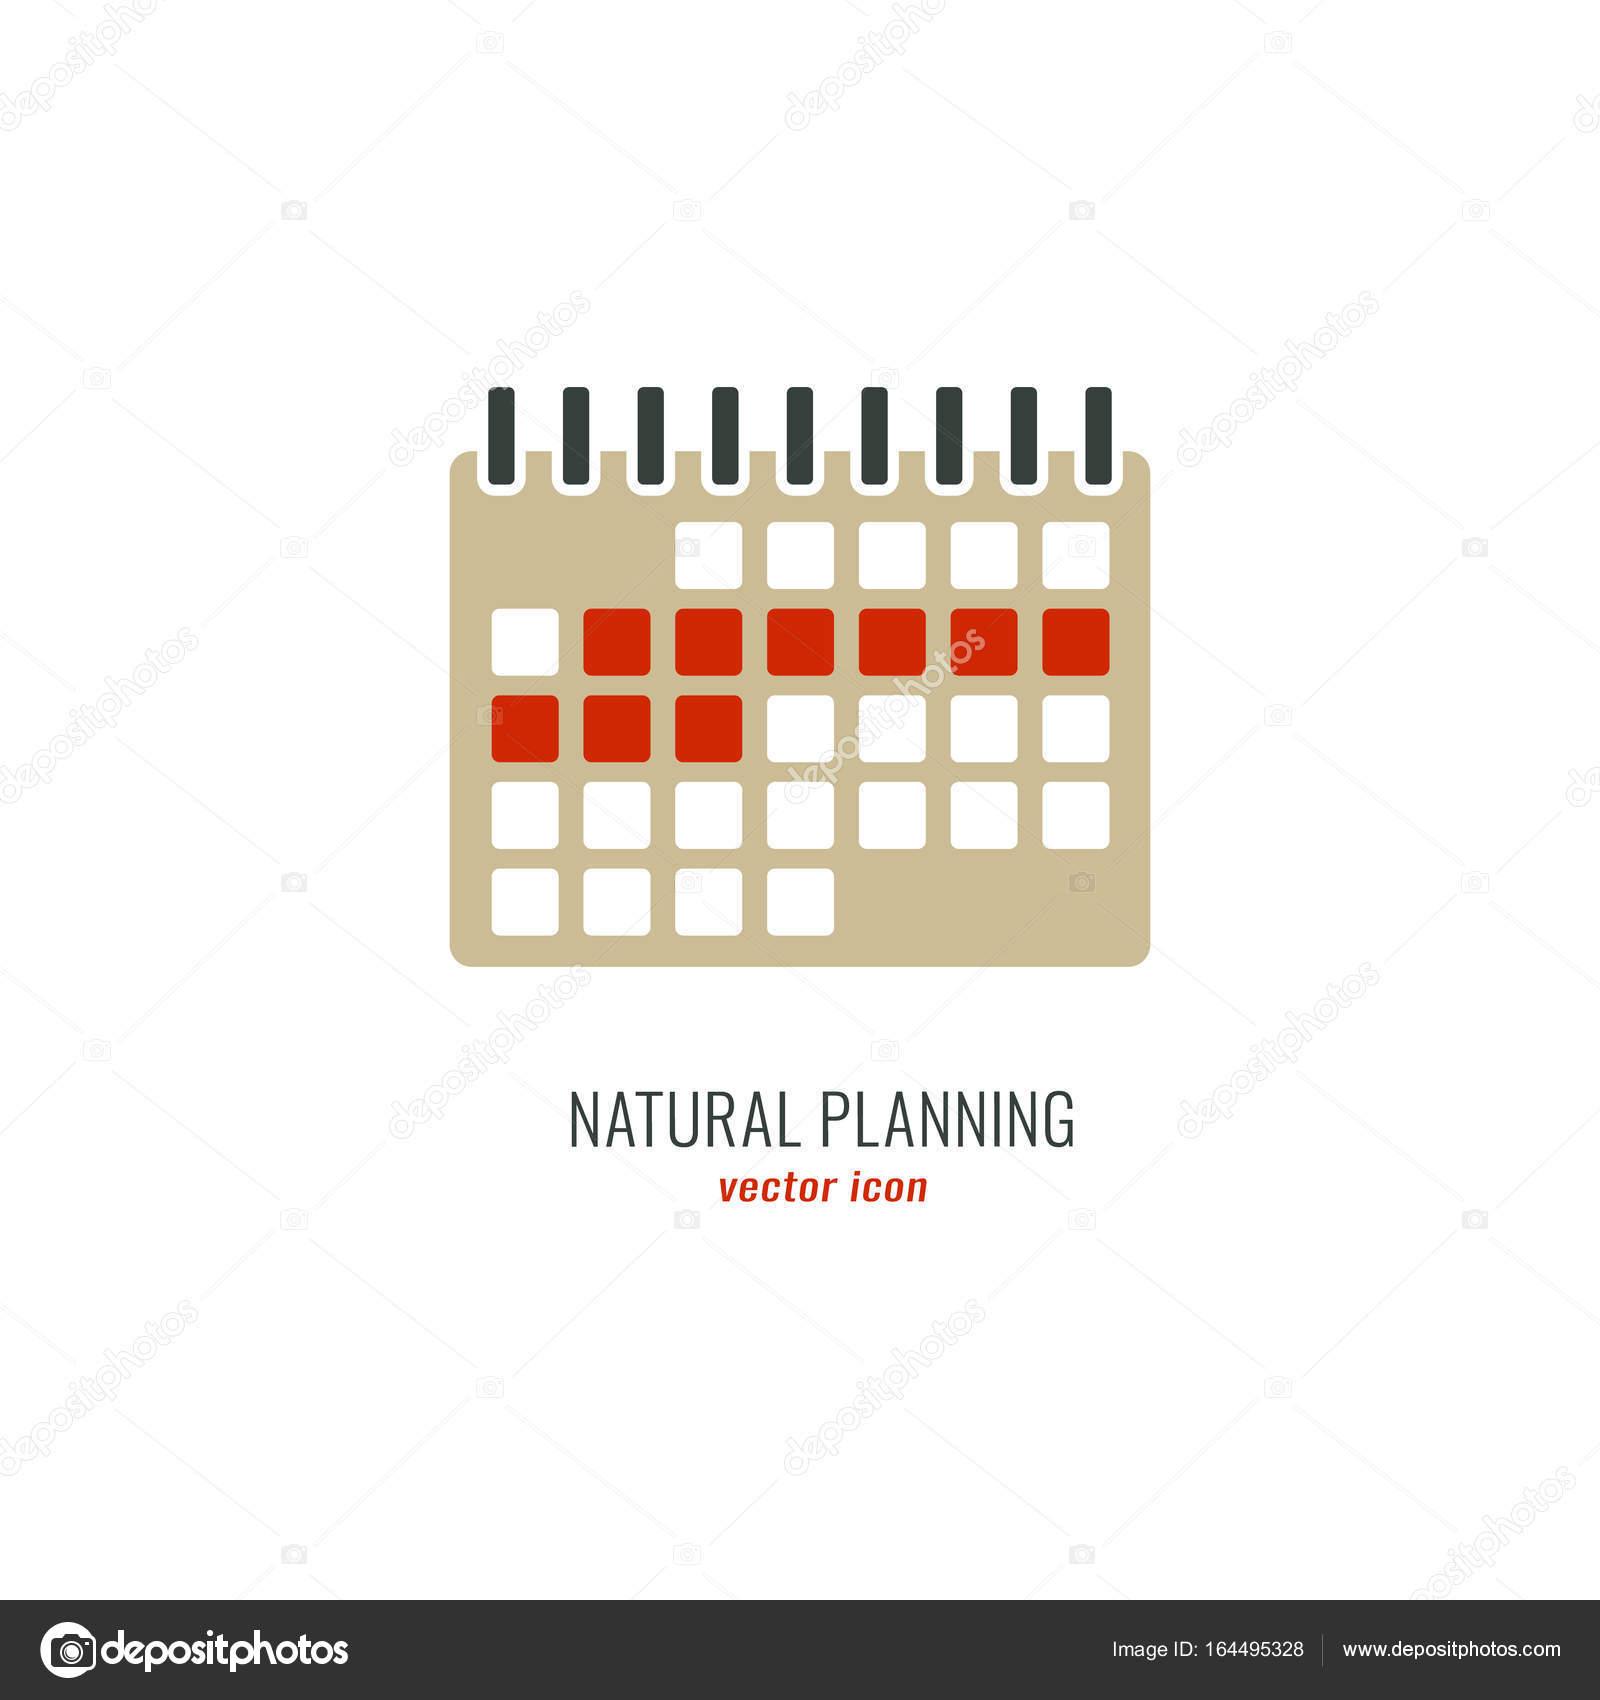 04f017578 Icono de ciclo menstrual. Control médico de nacimiento. Planificación de  embarazo natural. Ilustración de vector plano aislado sobre fondo blanco —  Vector ...